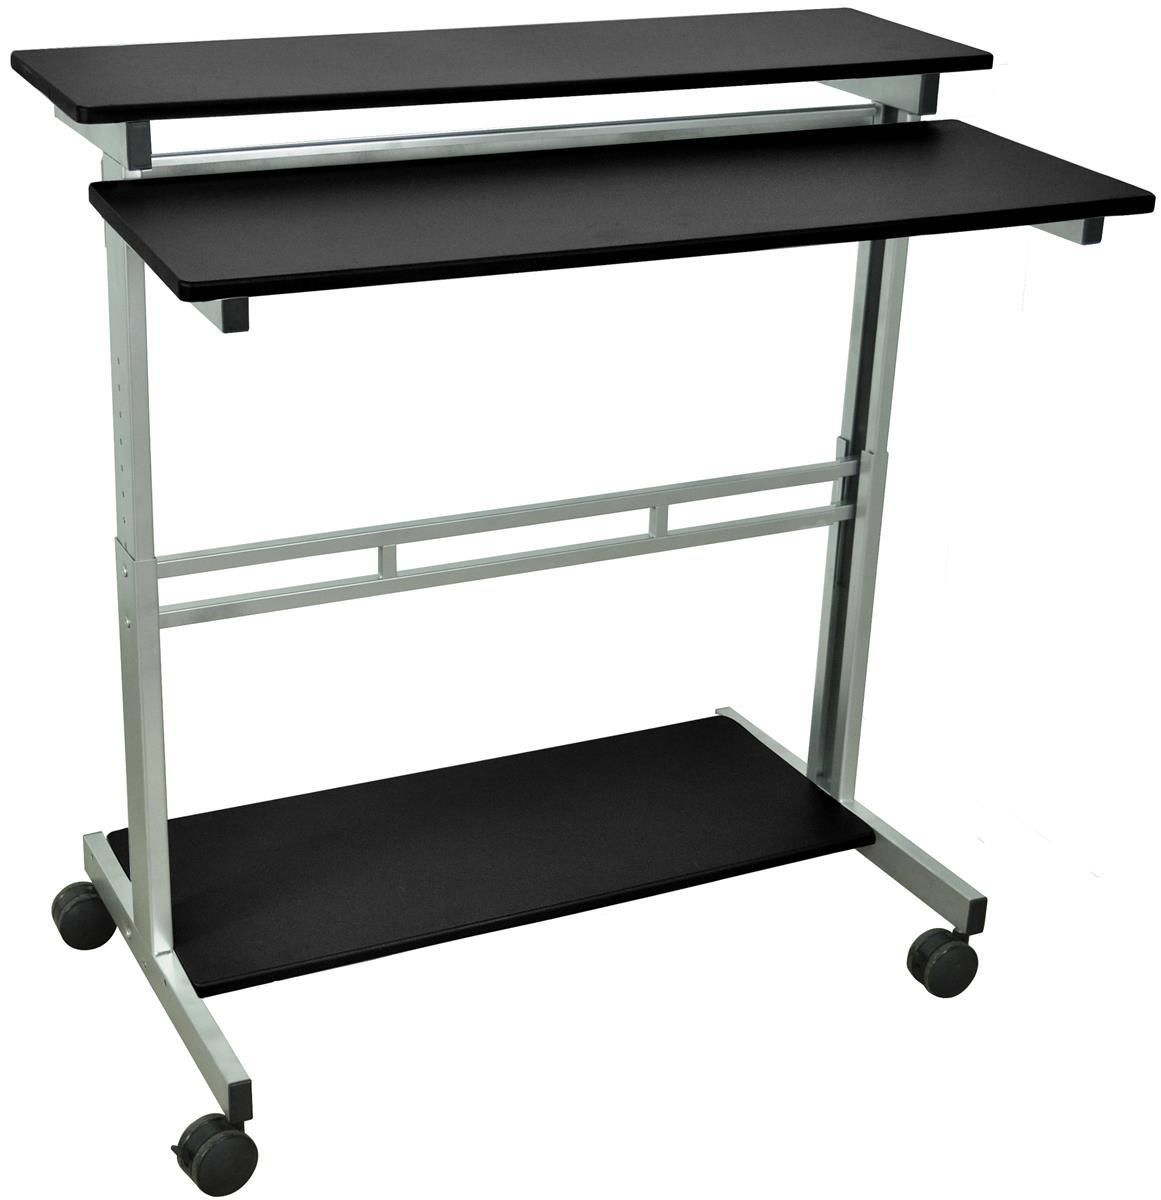 Height Adjustable puter Desk